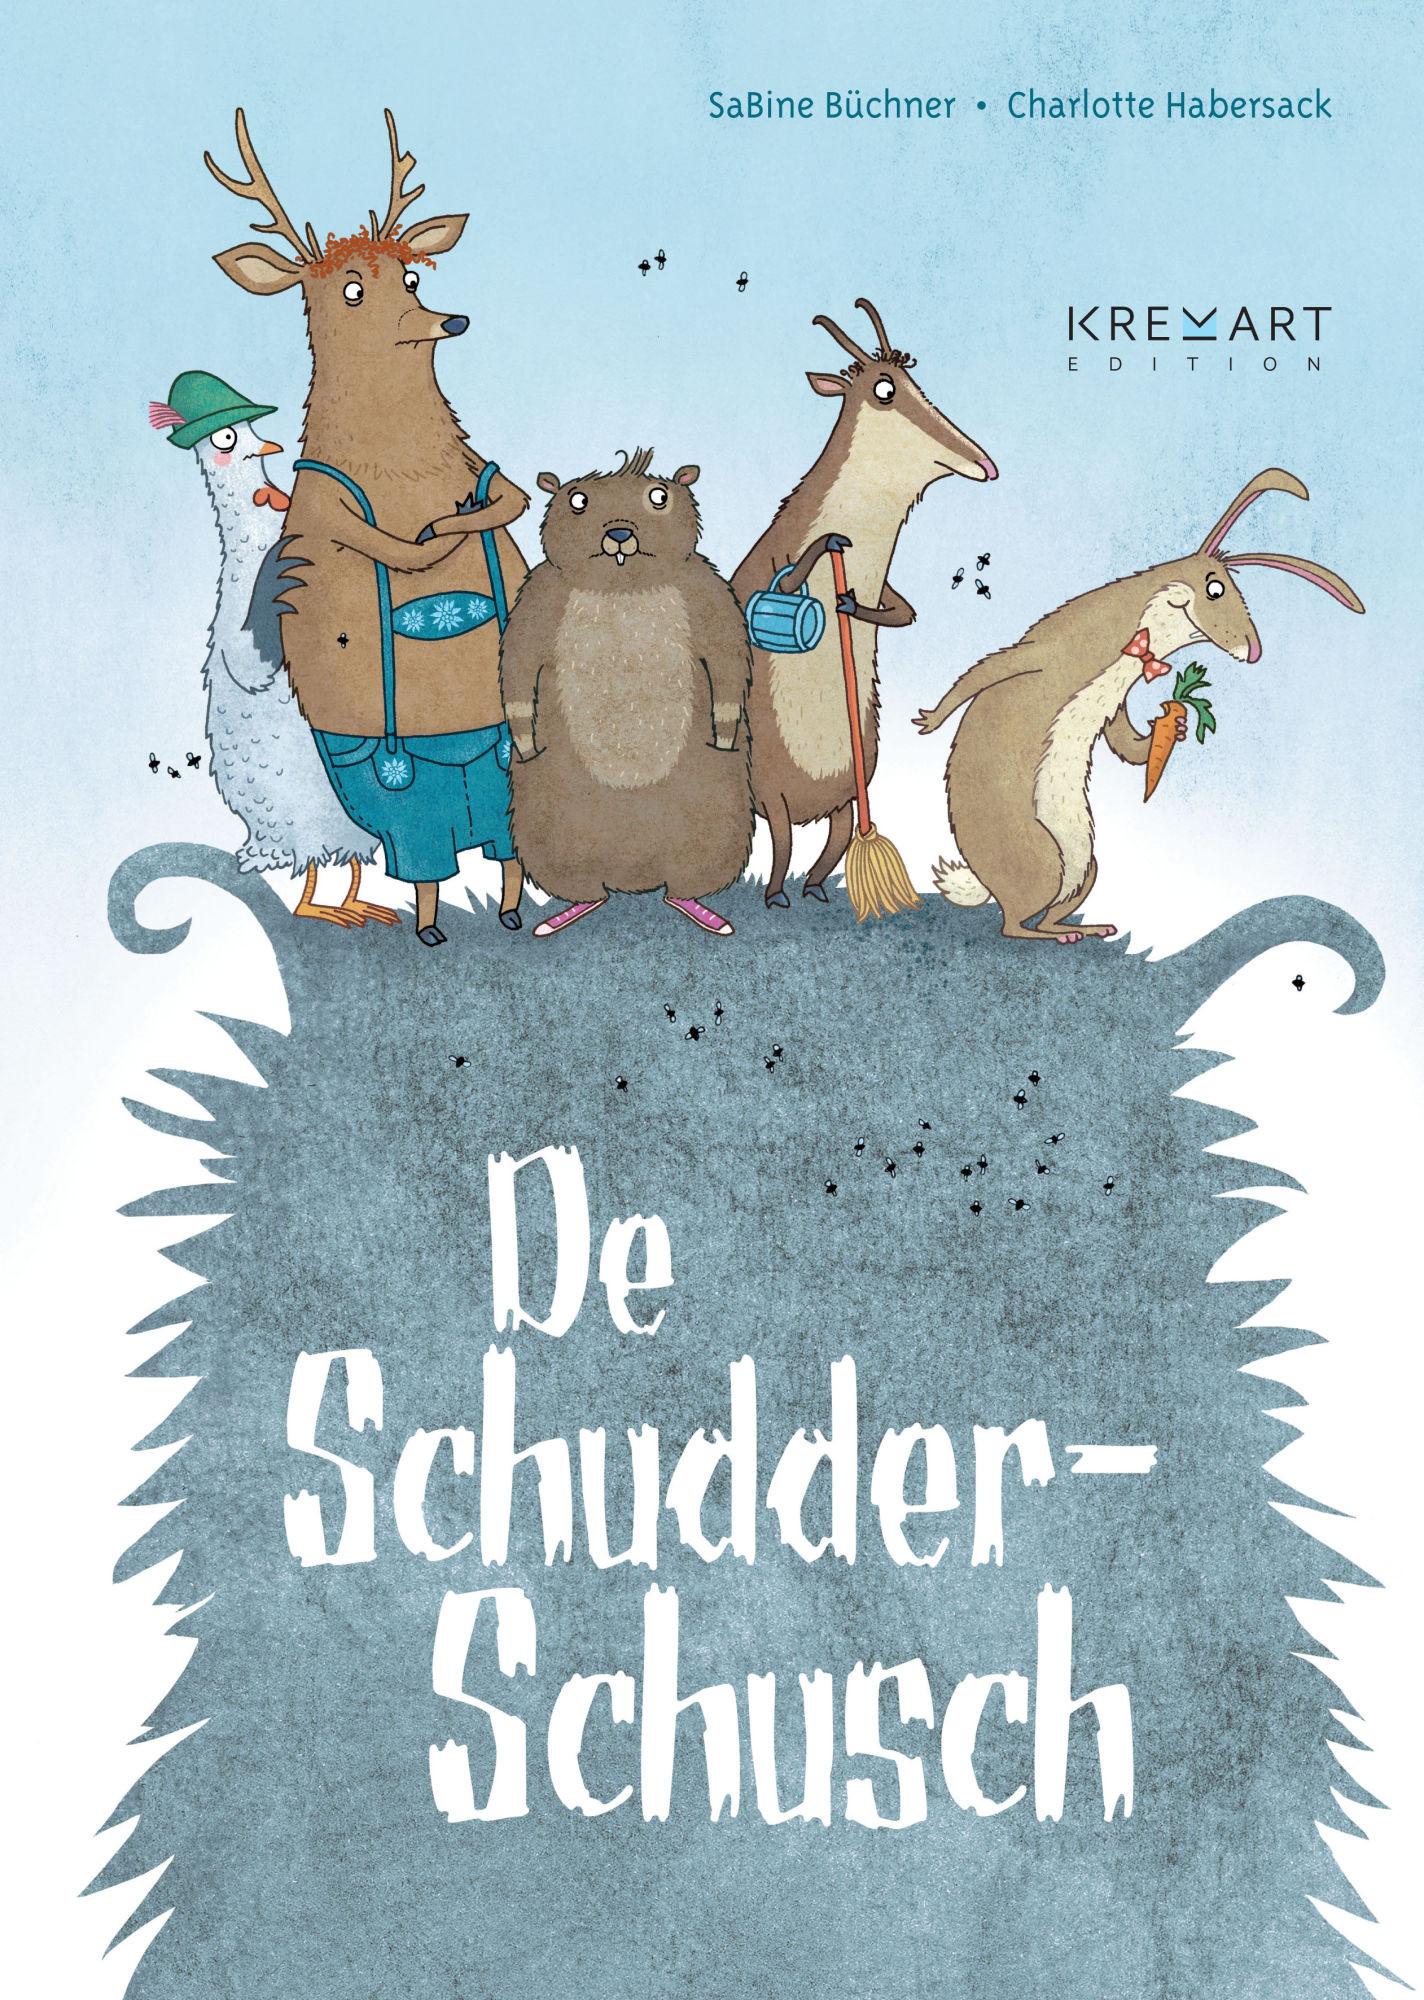 Schudder_Schusch_Cover